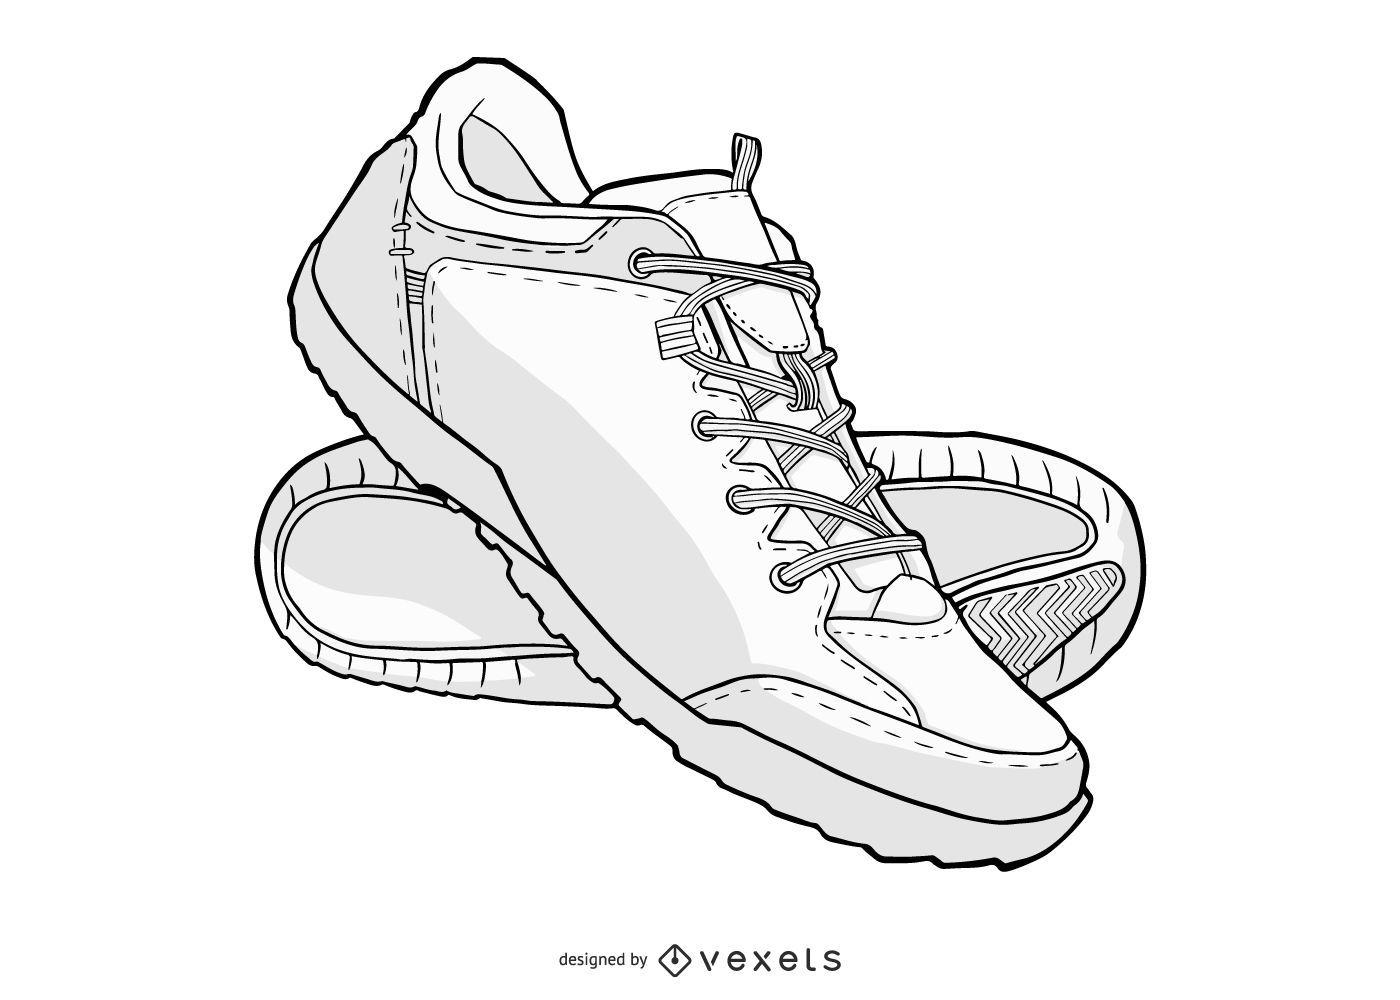 Ilustración de zapatos deportivos